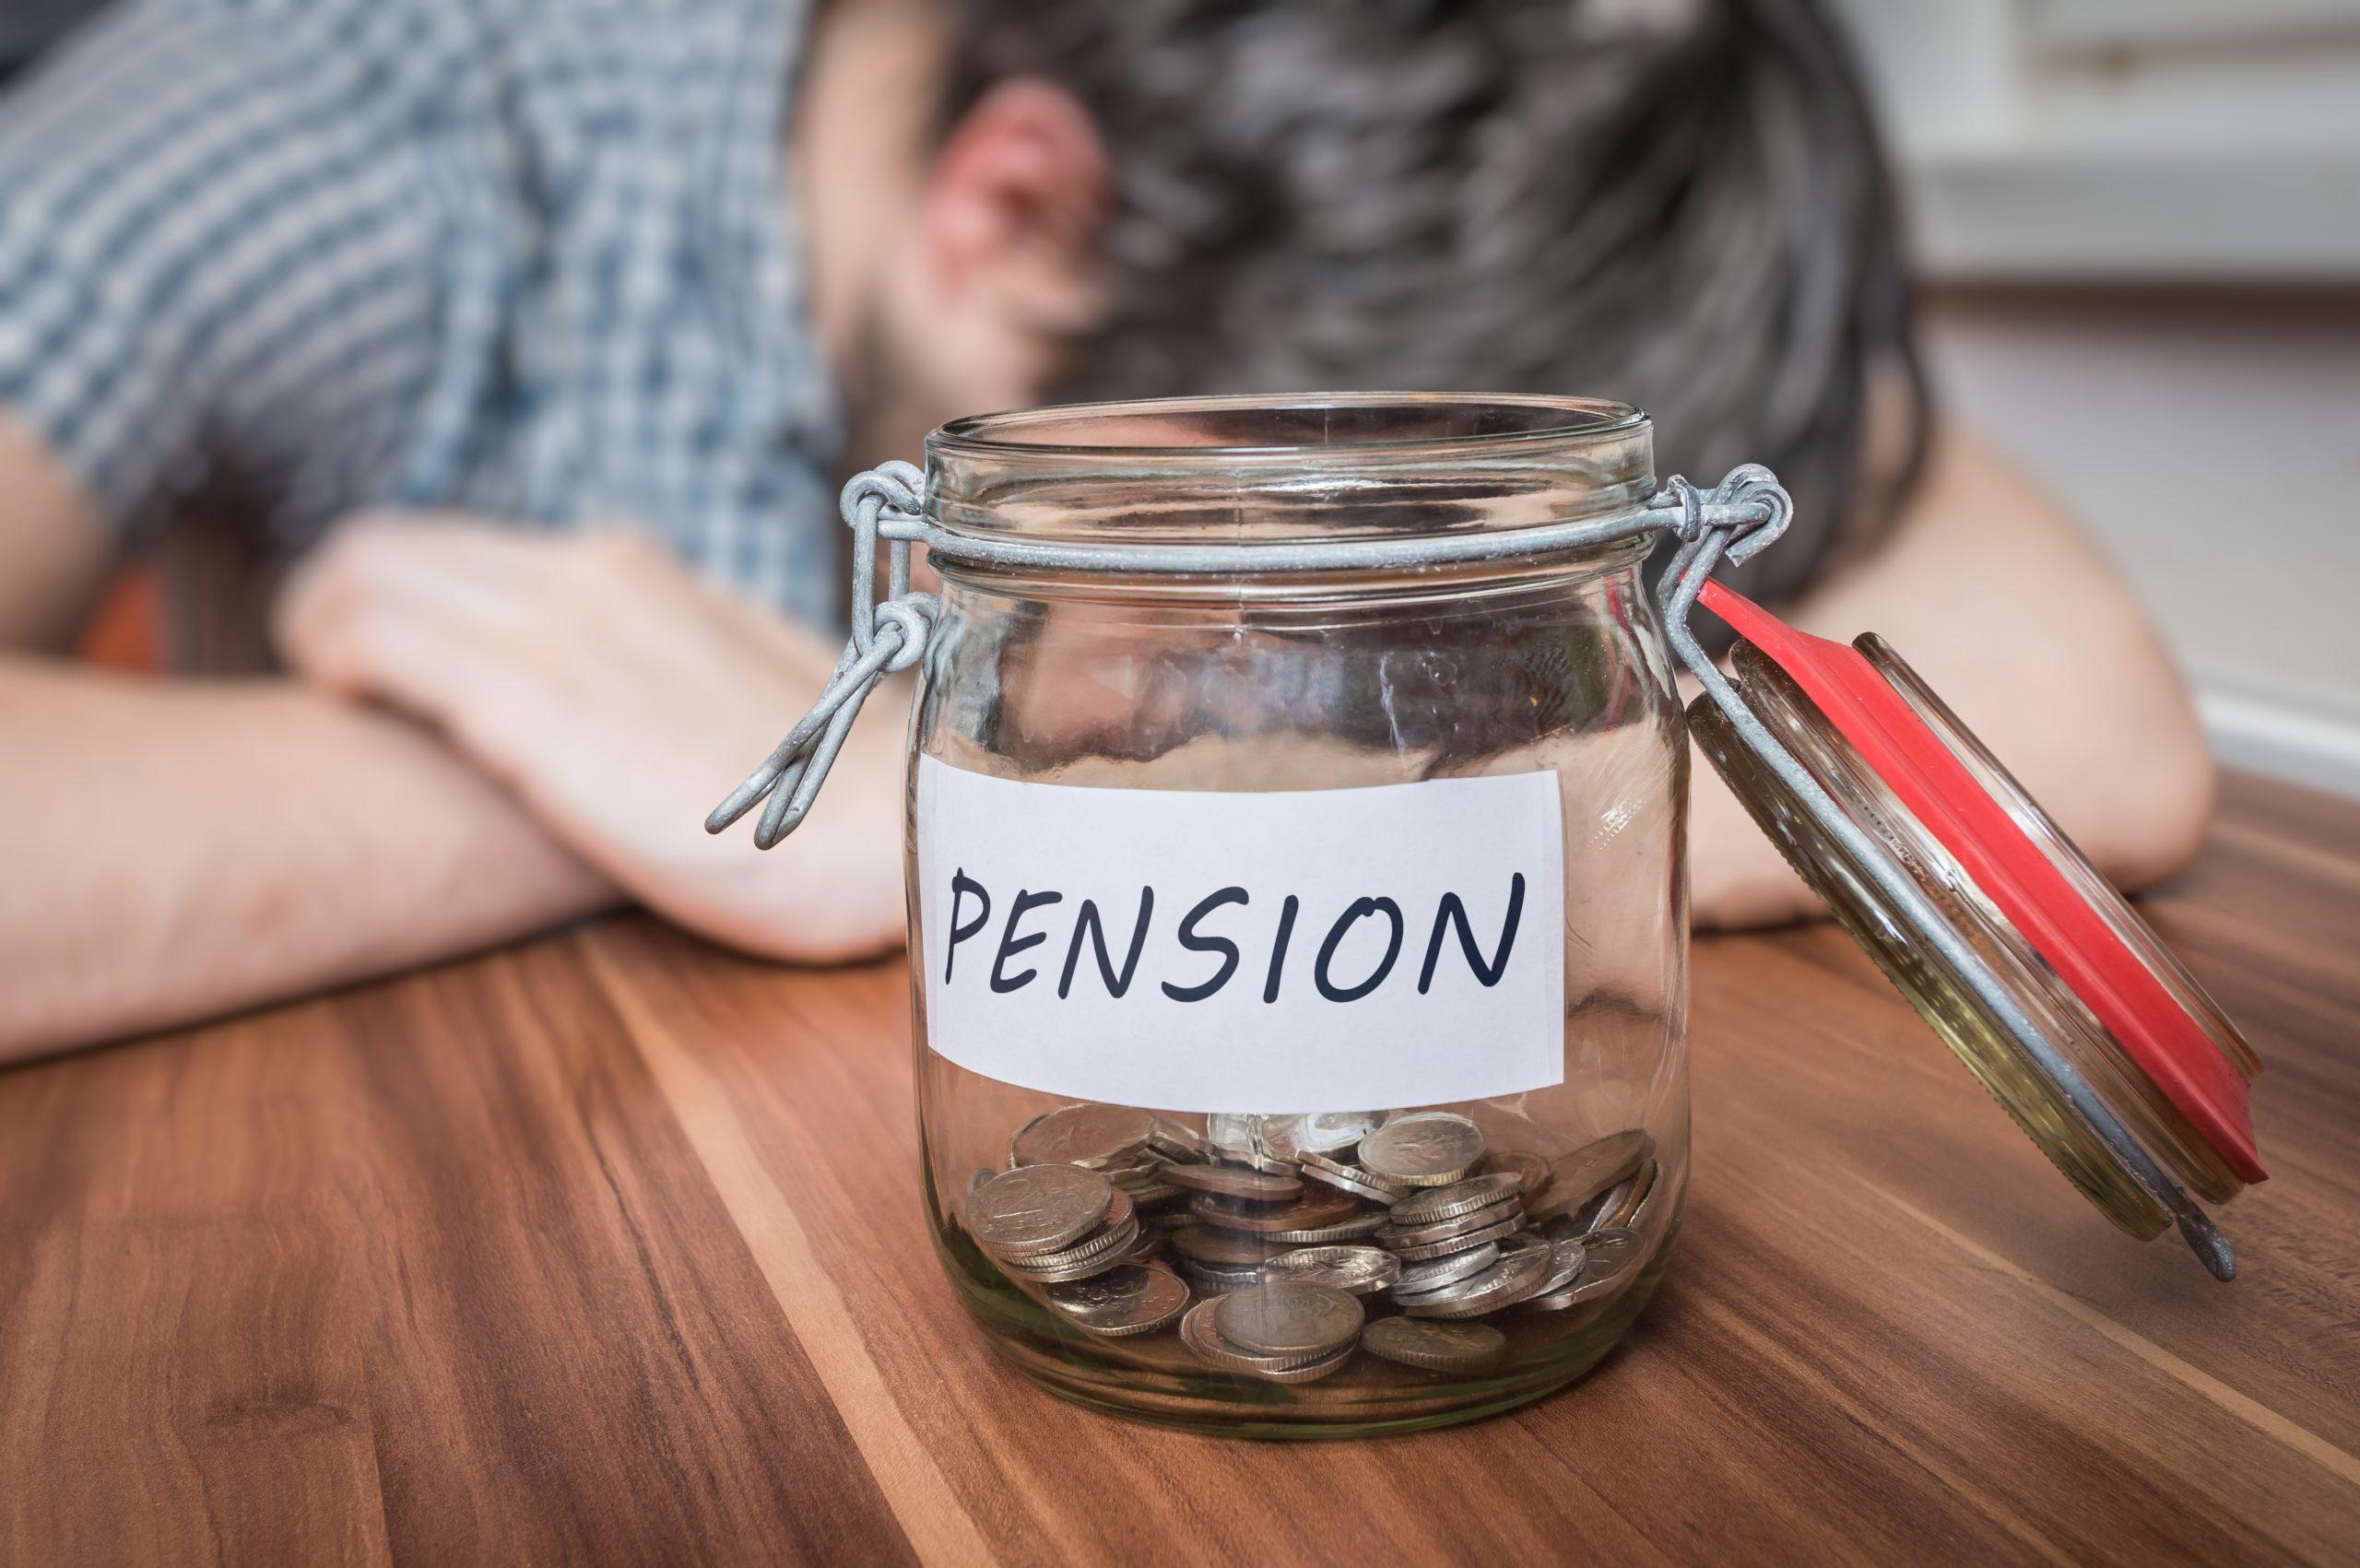 Depressed man lying on table. Pension savings in jar in front.